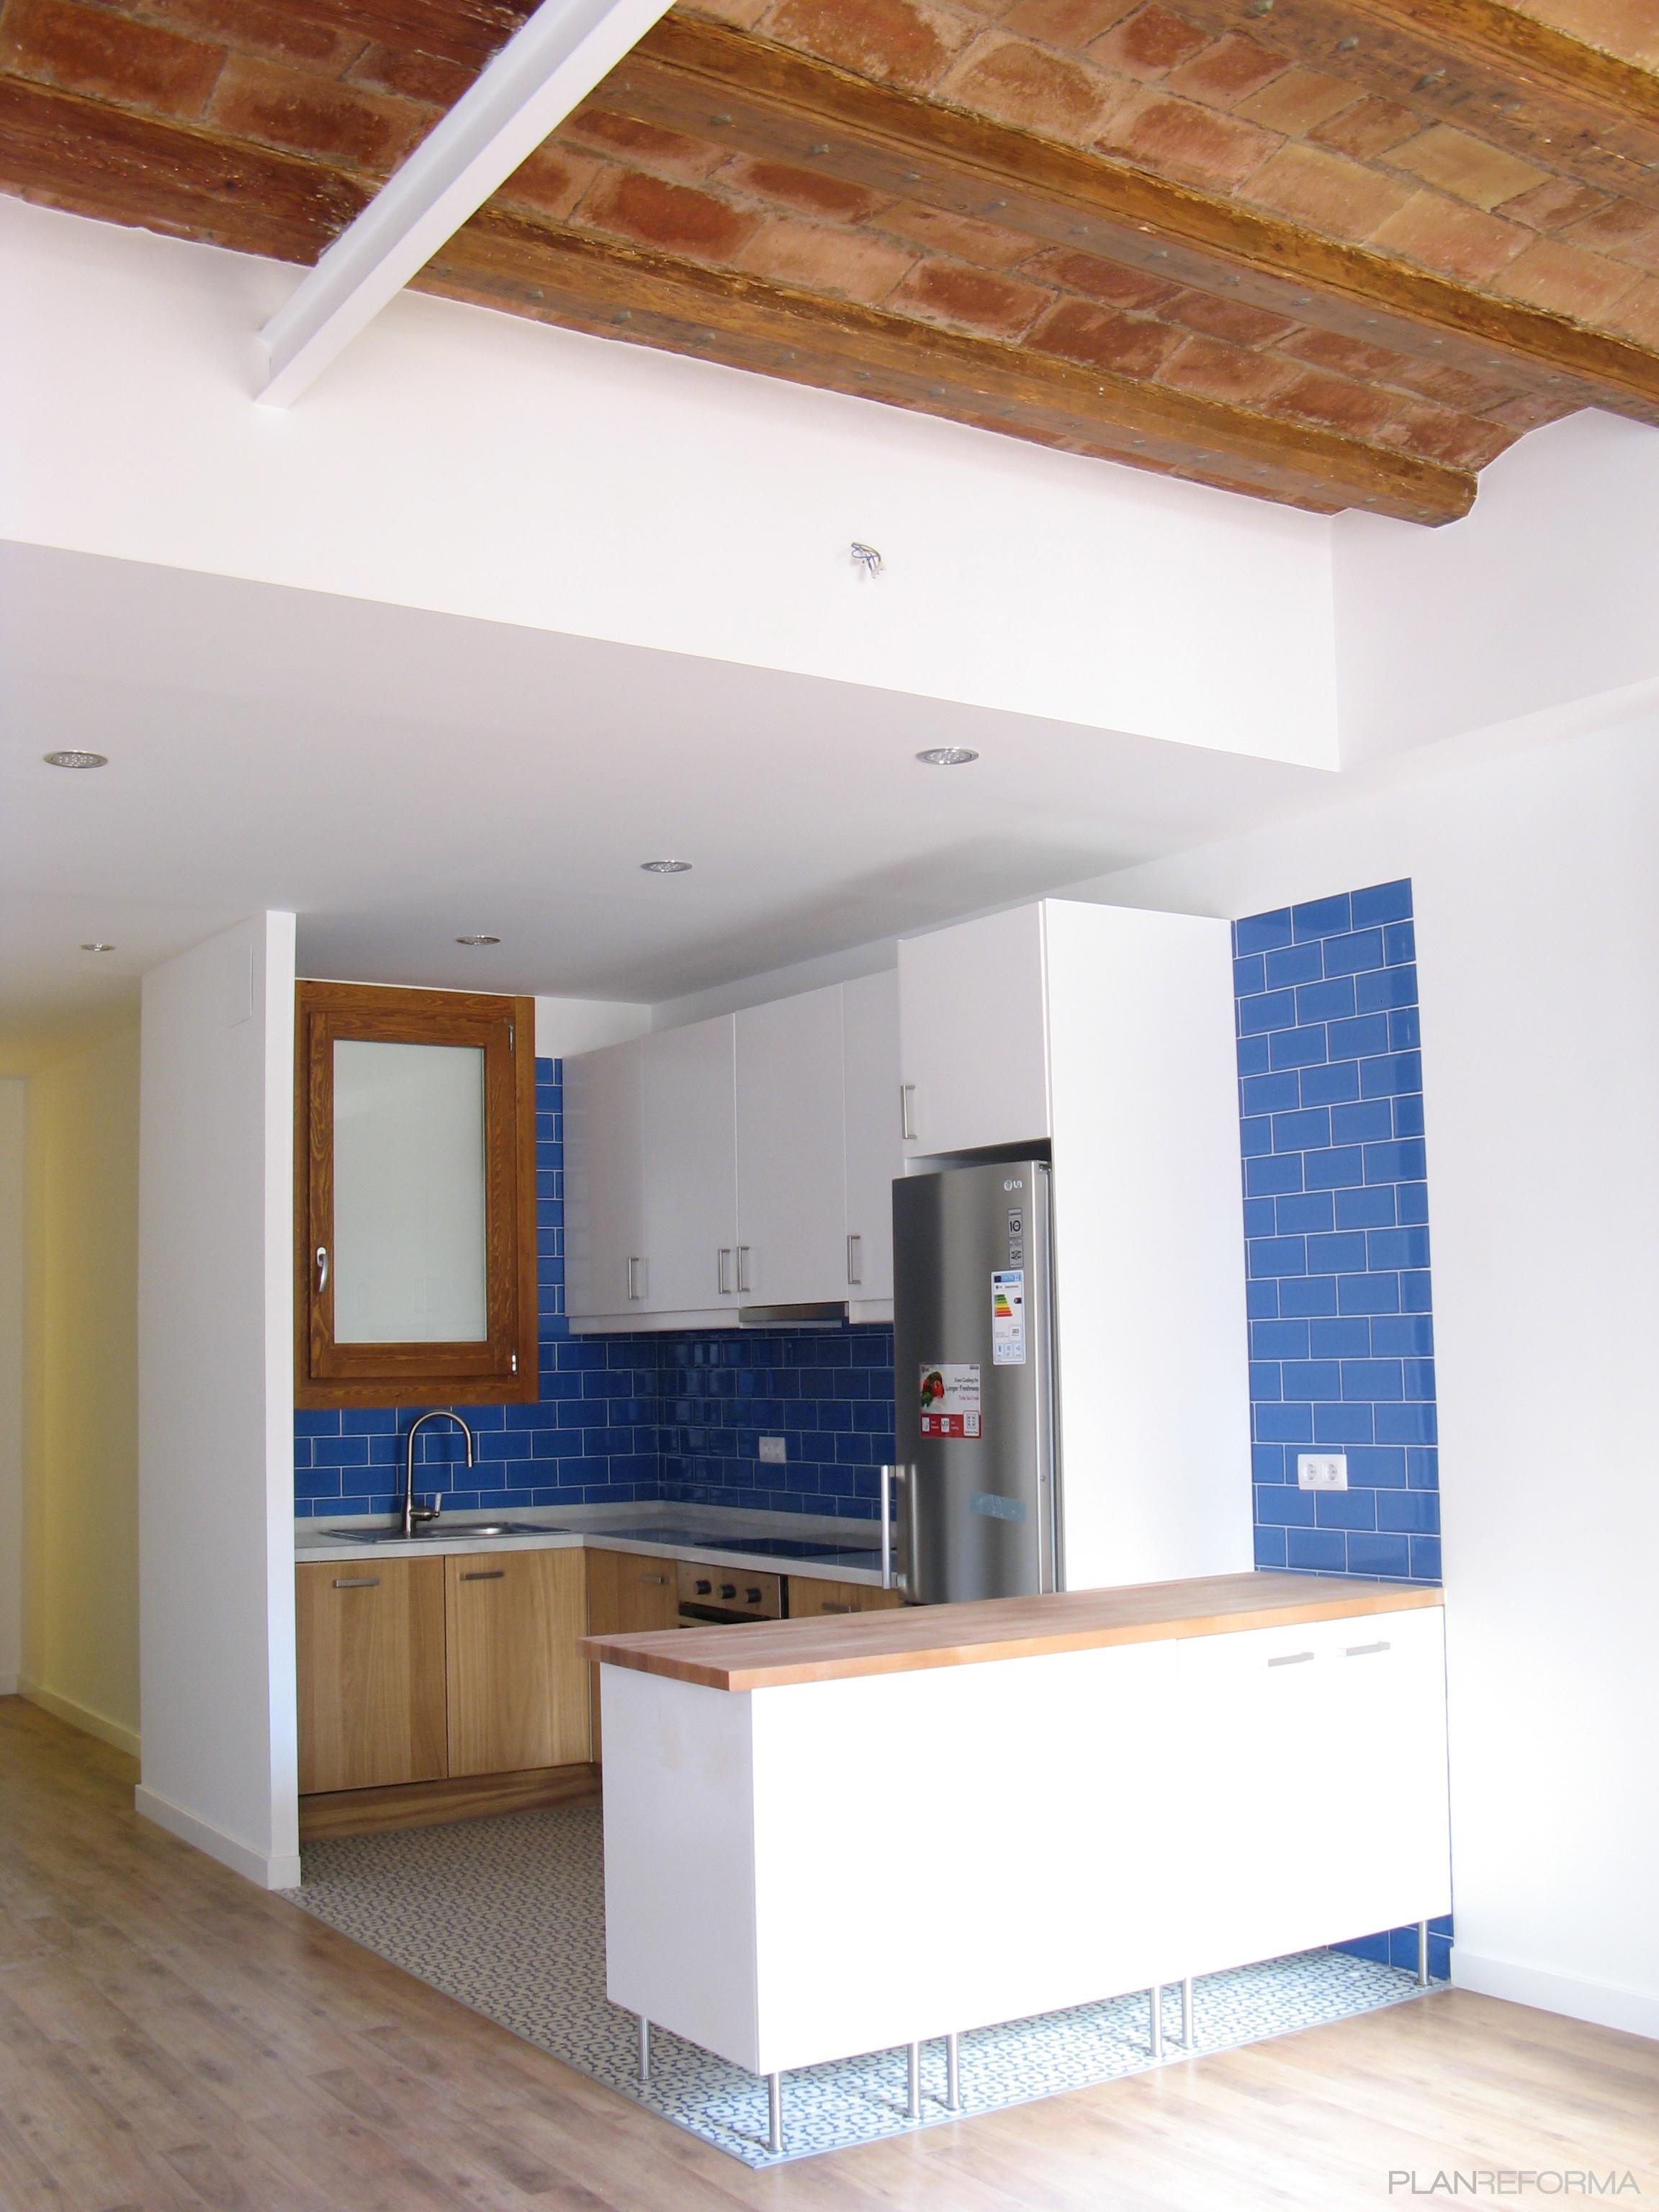 Comedor cocina salon style contemporaneo color azul for Cocina comedor salon